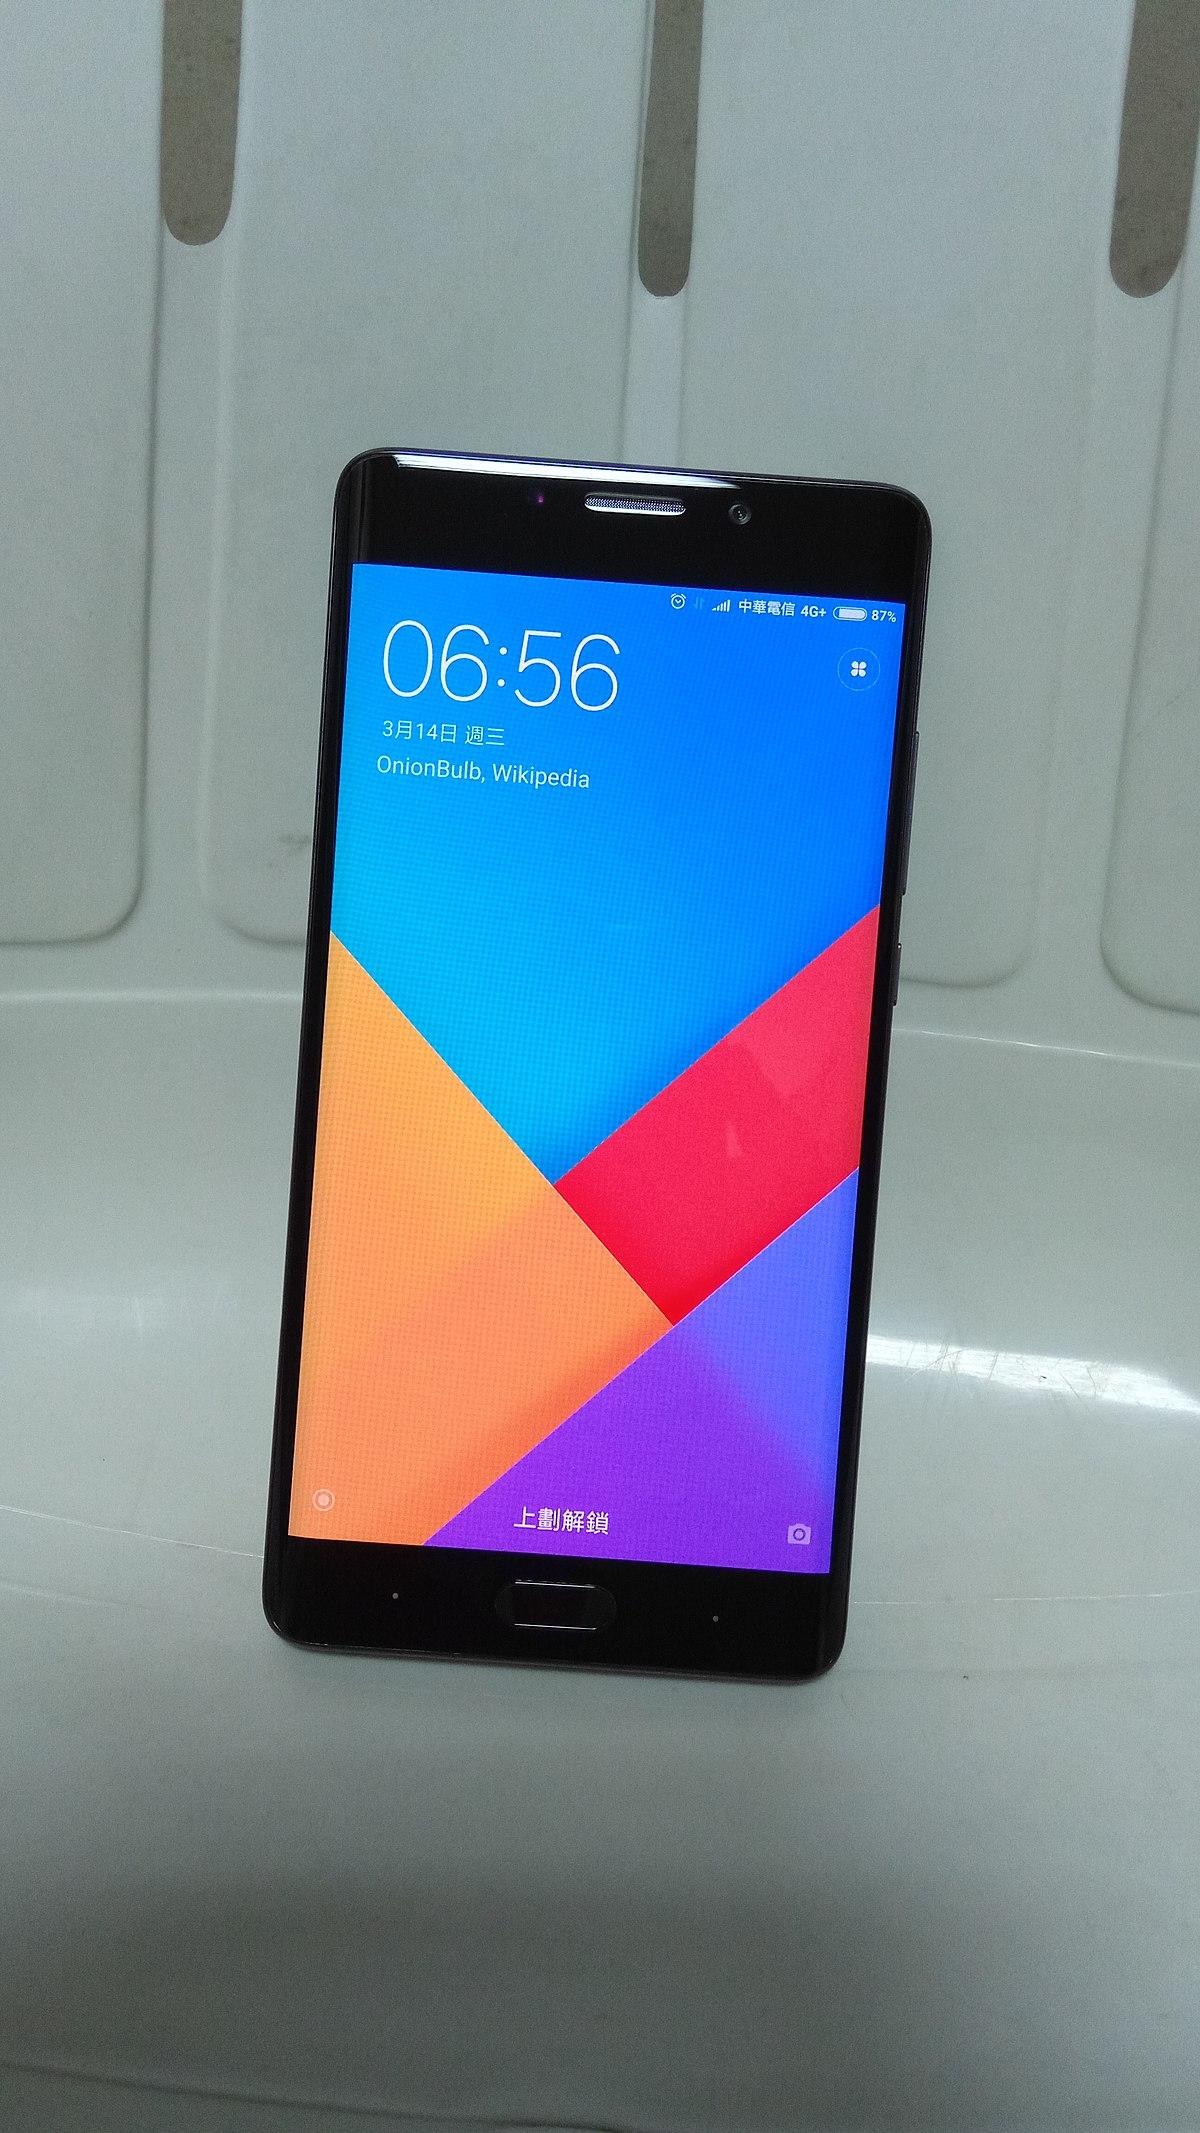 Xiaomi Mi Note 2 Wikipedia